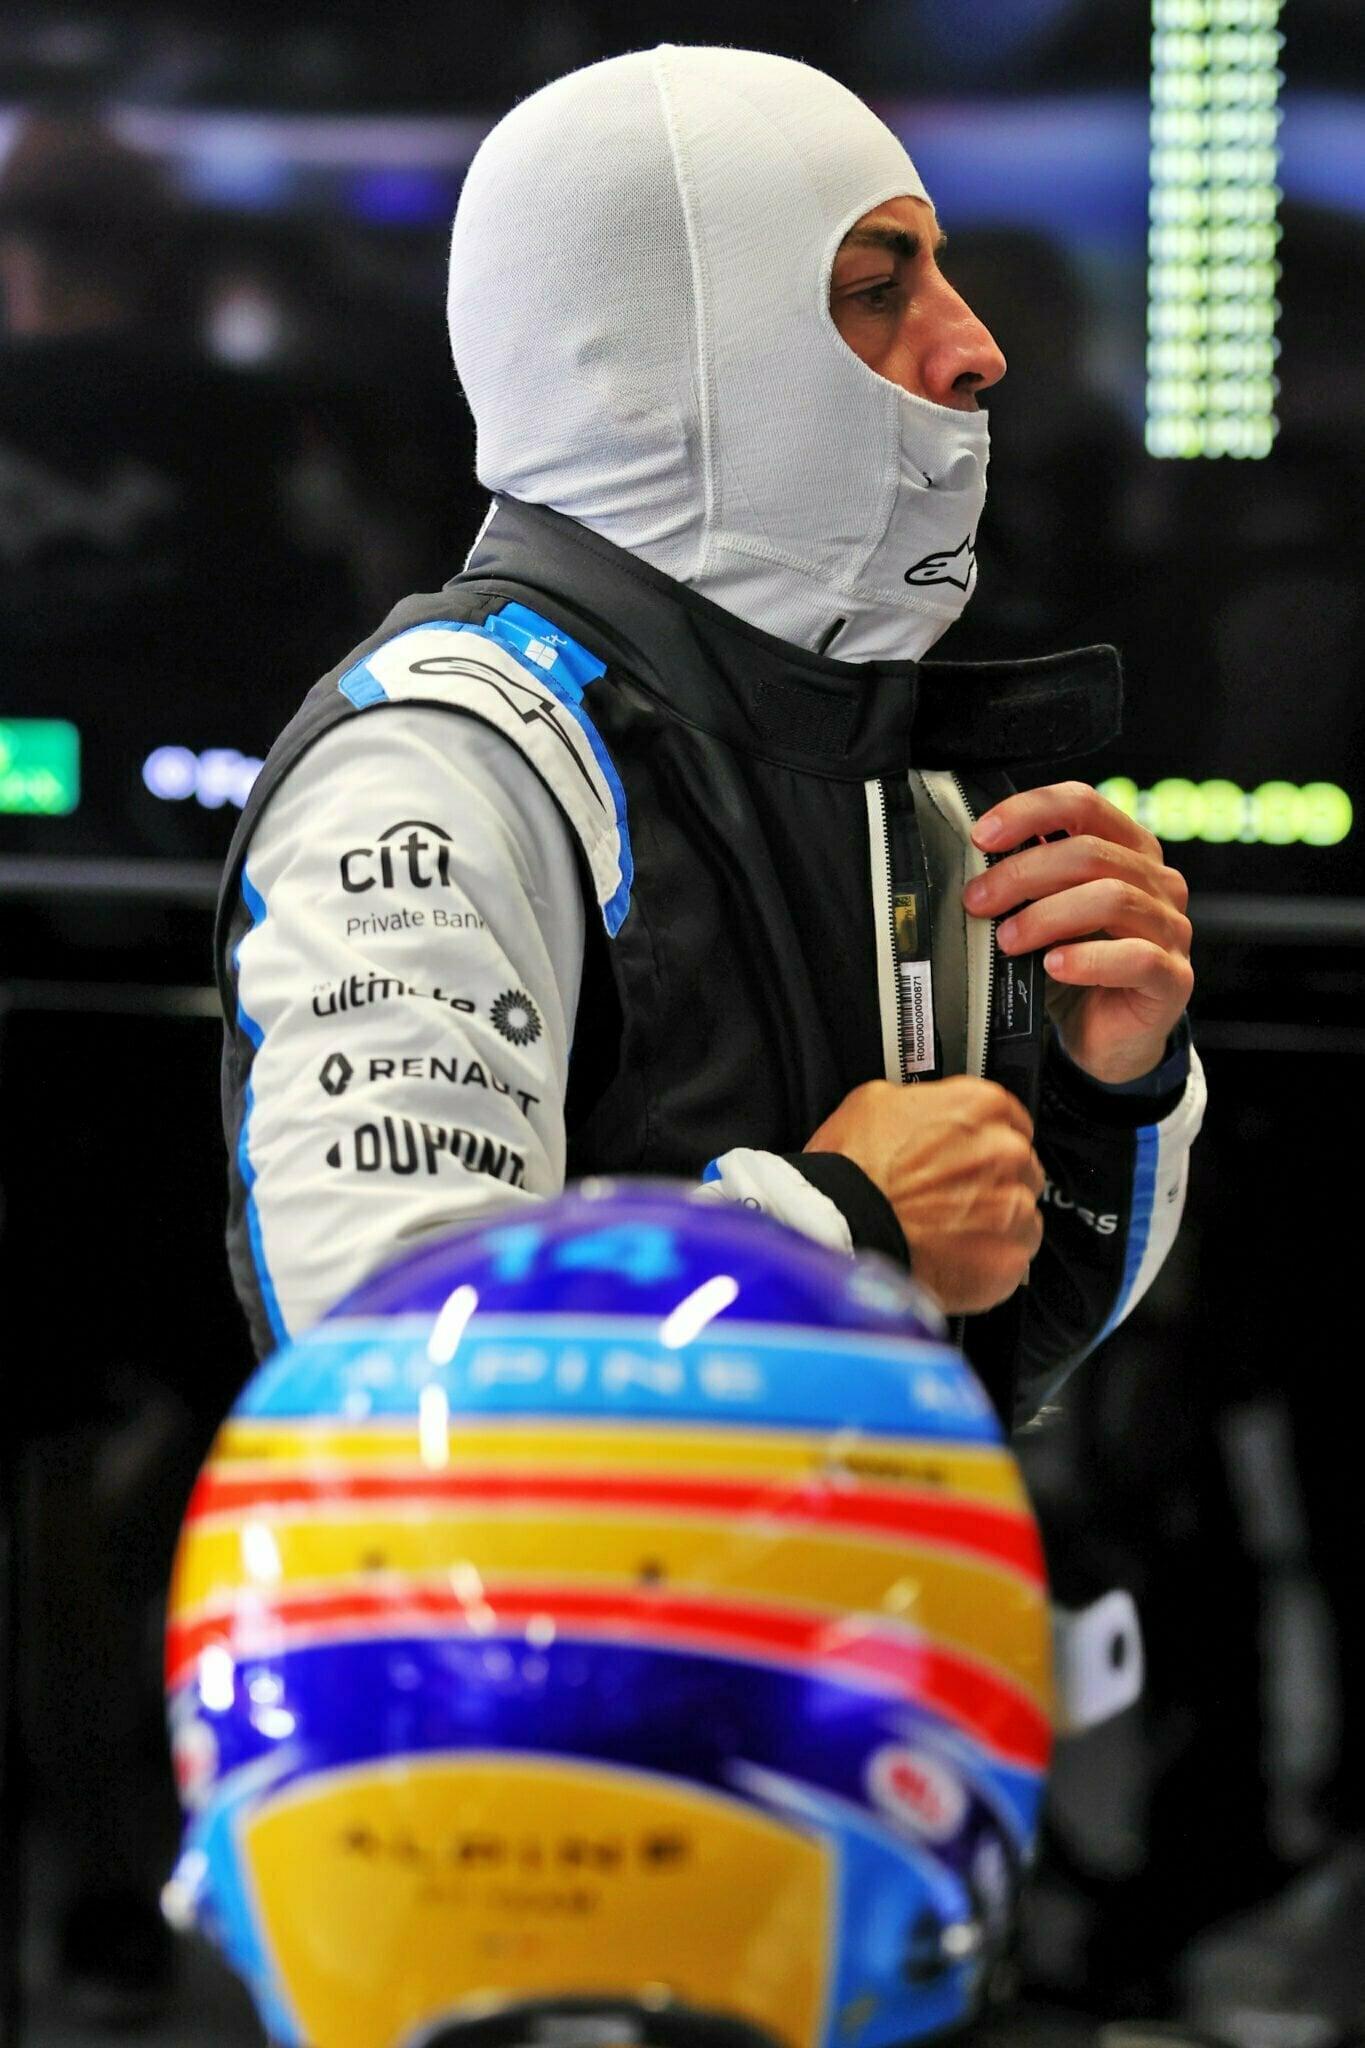 Alpine F1 Team Alonso Ocon Autriche Steiermark Grand Prix Spielberg A521 2021 11   Alpine F1 : Alonso réitère la Q3 et Ocon trébuche en Q1 à Spielberg